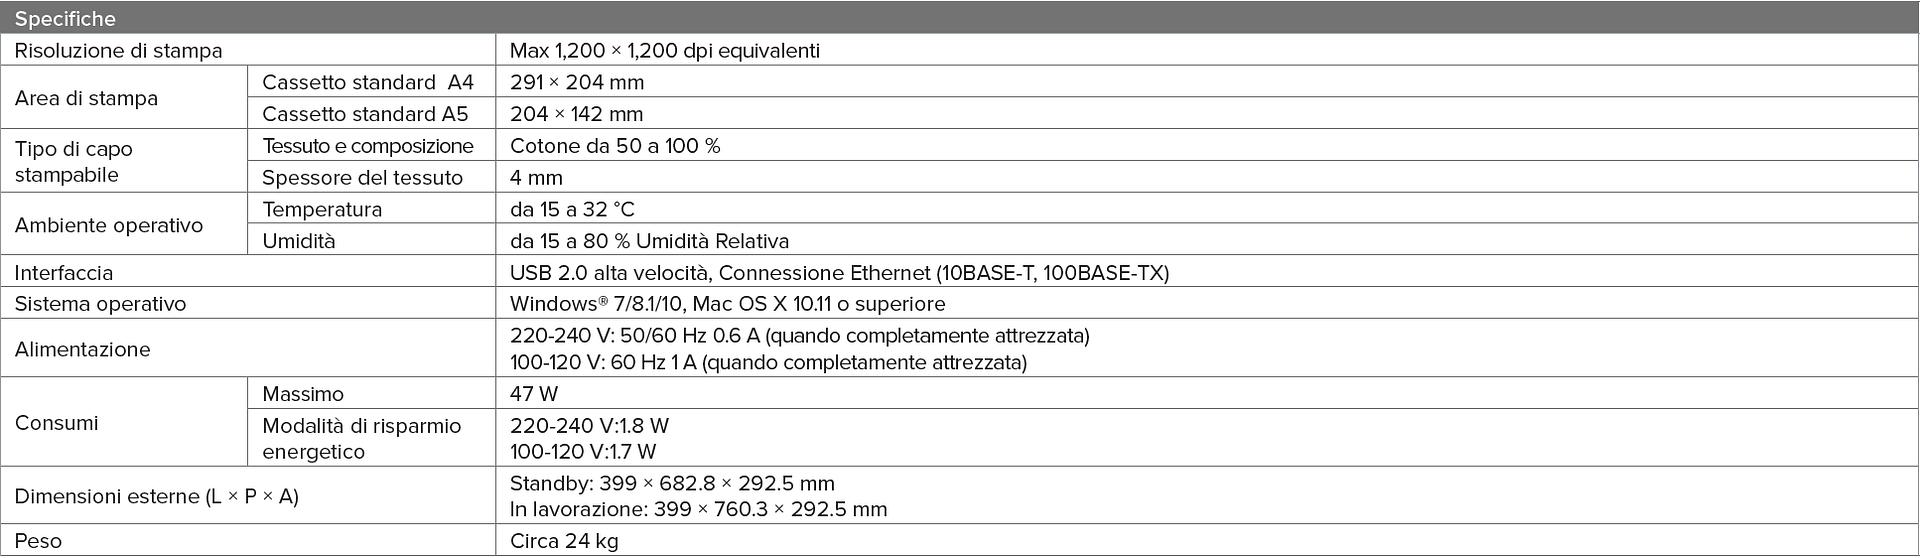 bt-12-specifiche